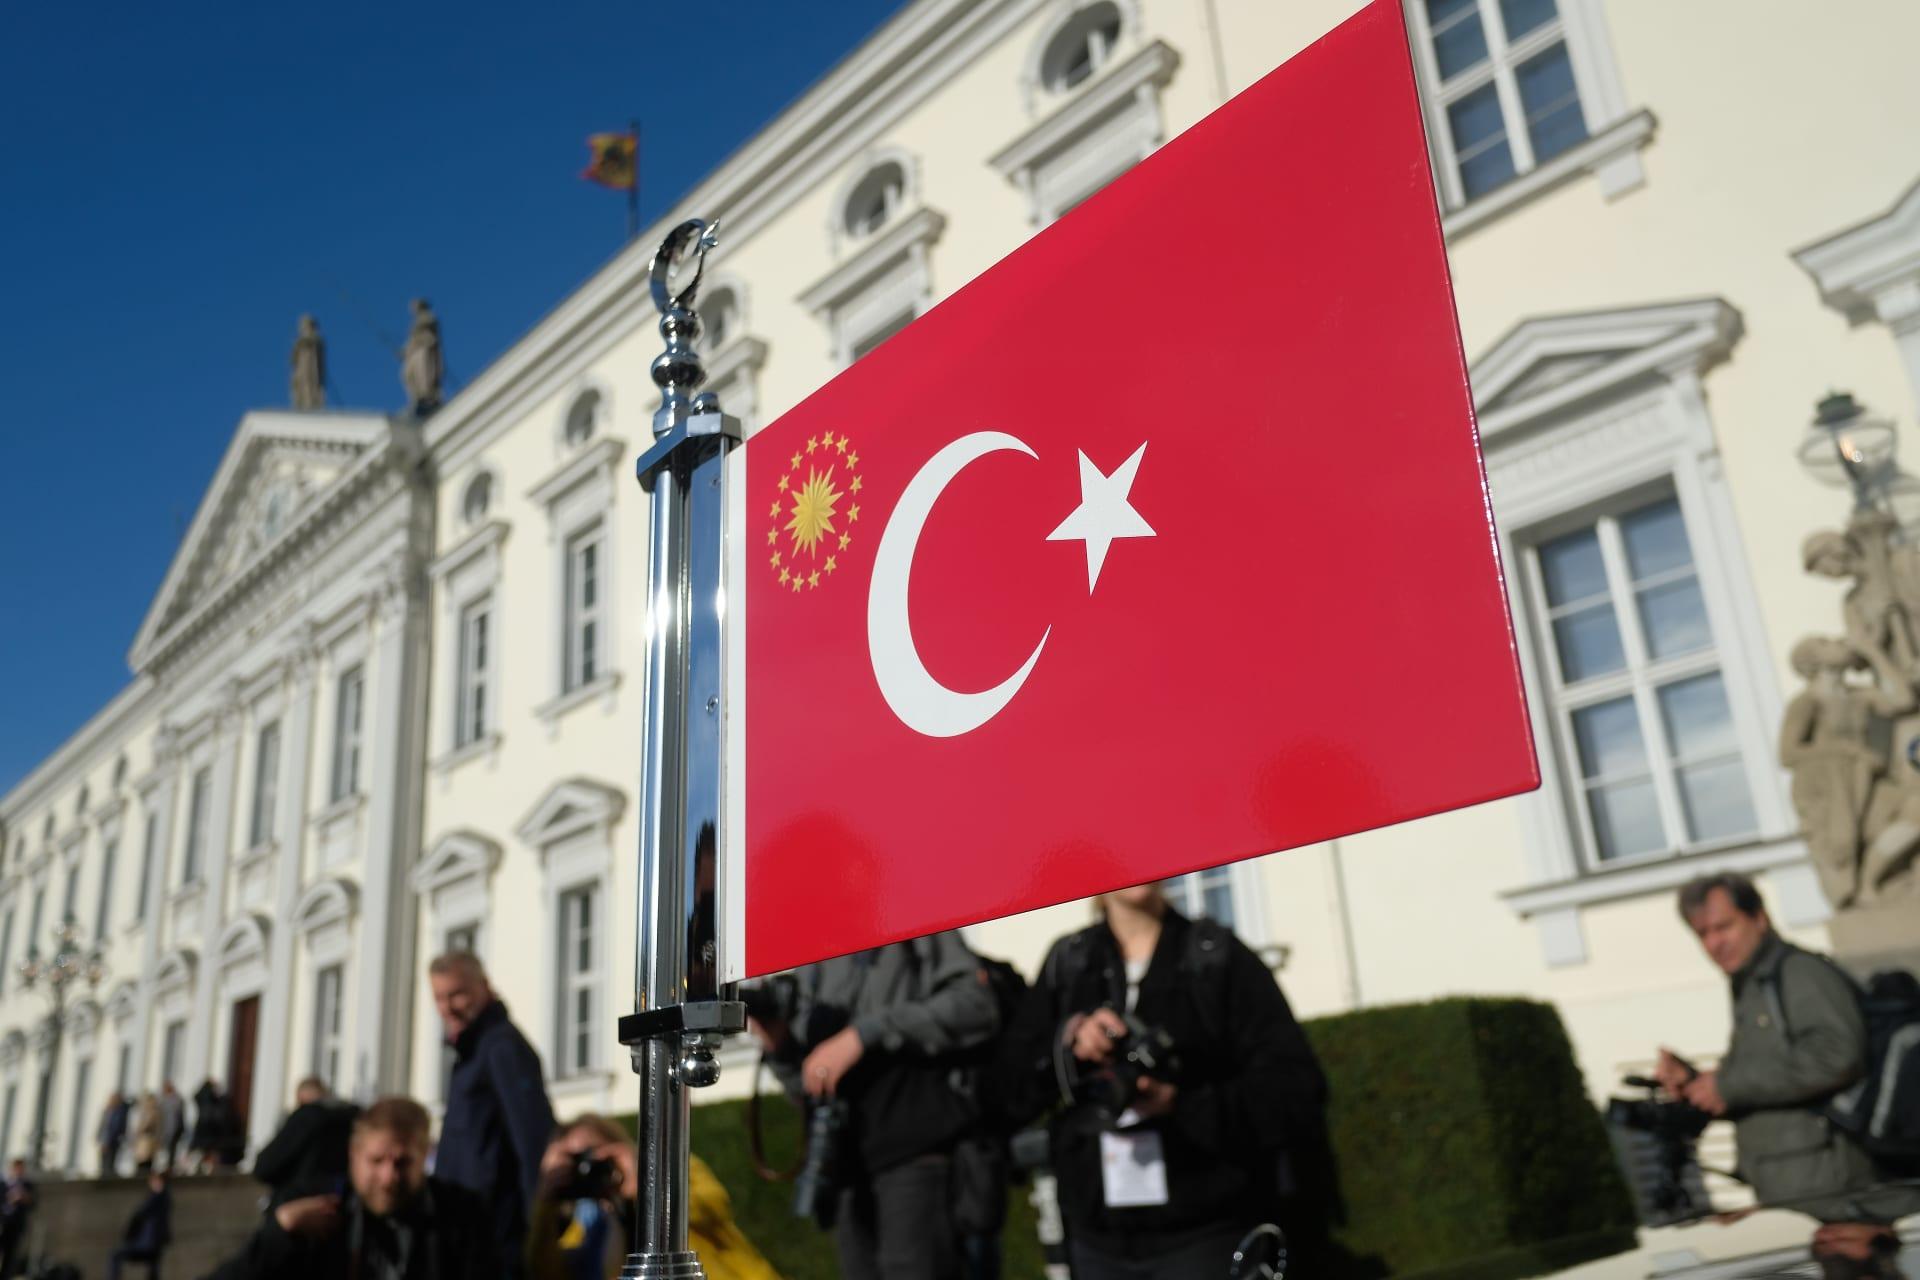 تركيا تطرح سندات بملياري دولار.. والأمريكان أكبر المشترين